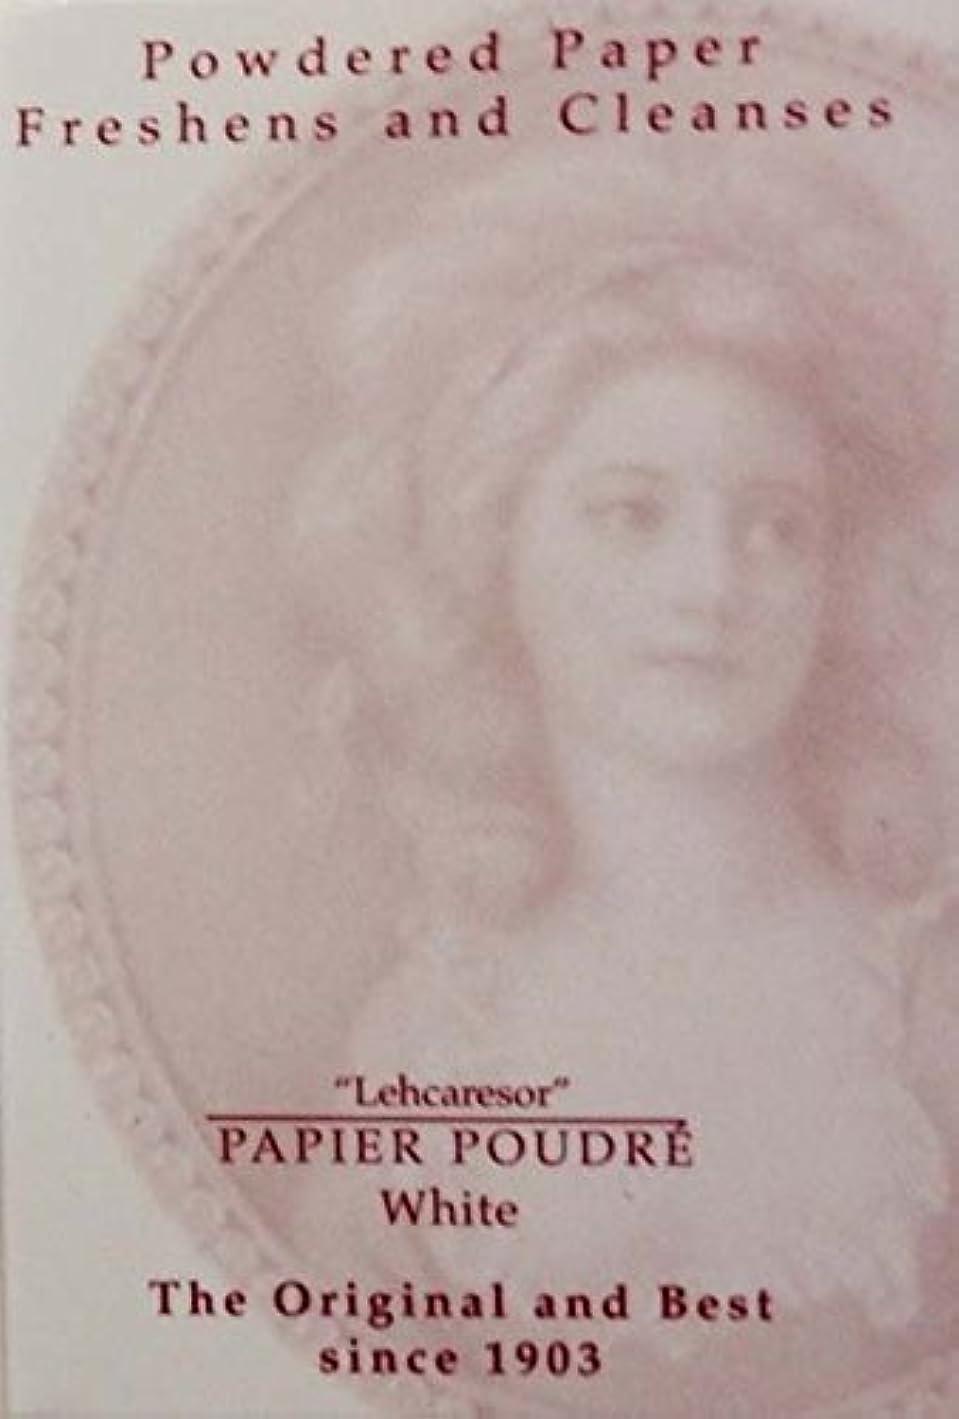 スキッパー買収必要ないベリック商会 パピアプードル 紙白粉 ホワイト64枚入×12個(箱入)